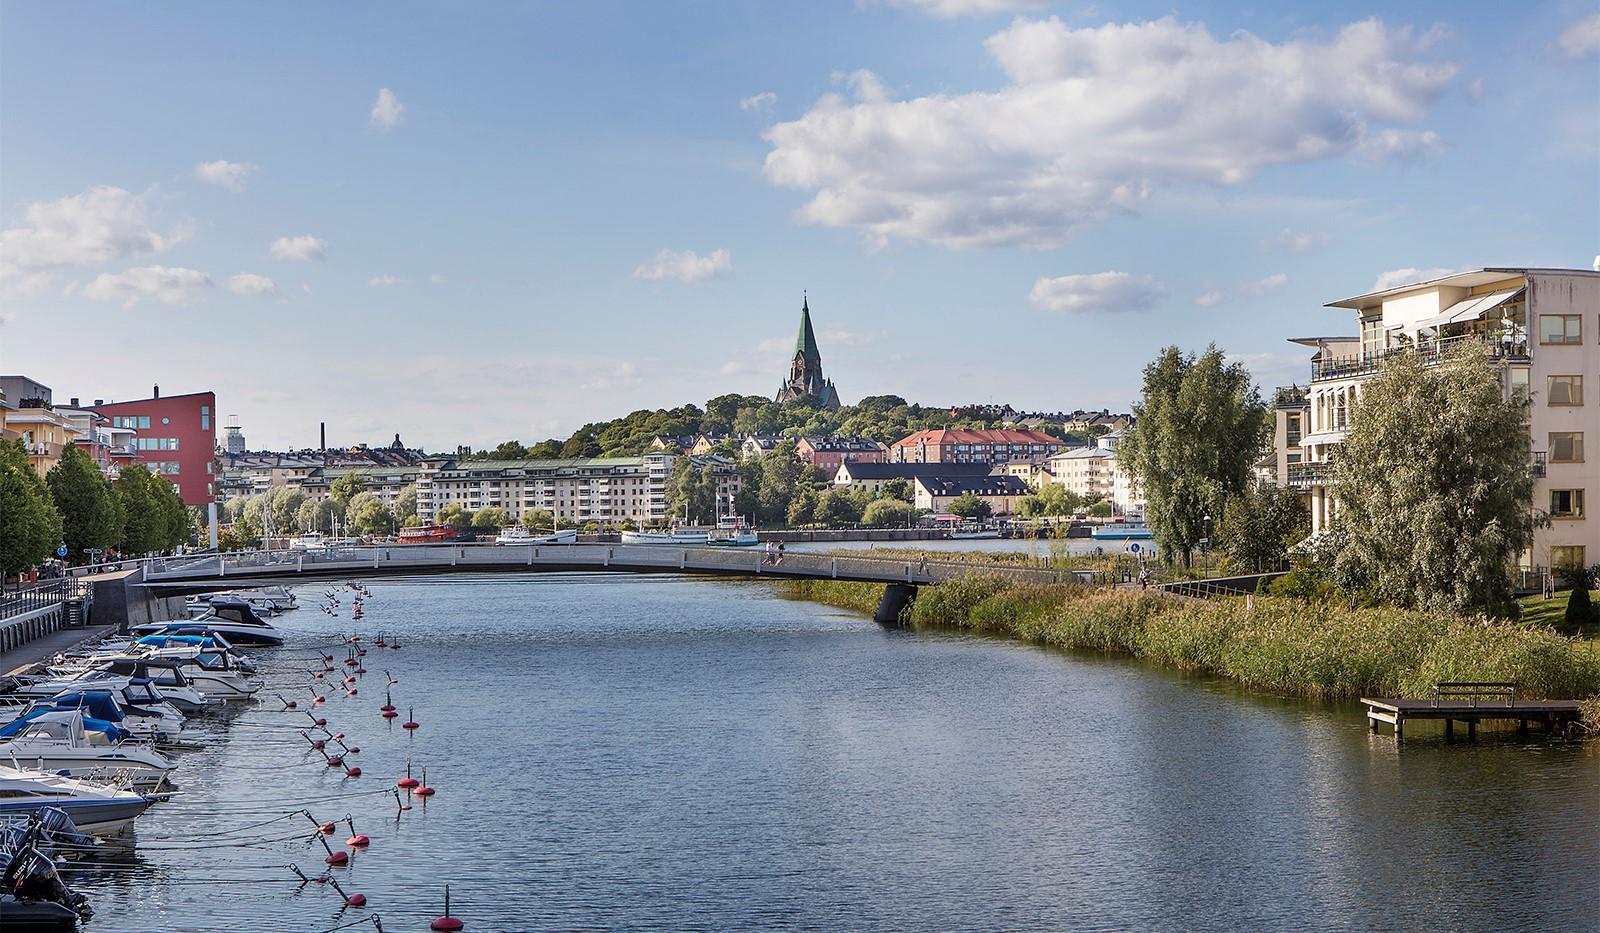 Sickla Kanalgata 64, vån 4 & 5 - Vy mot Hammarby Sjö